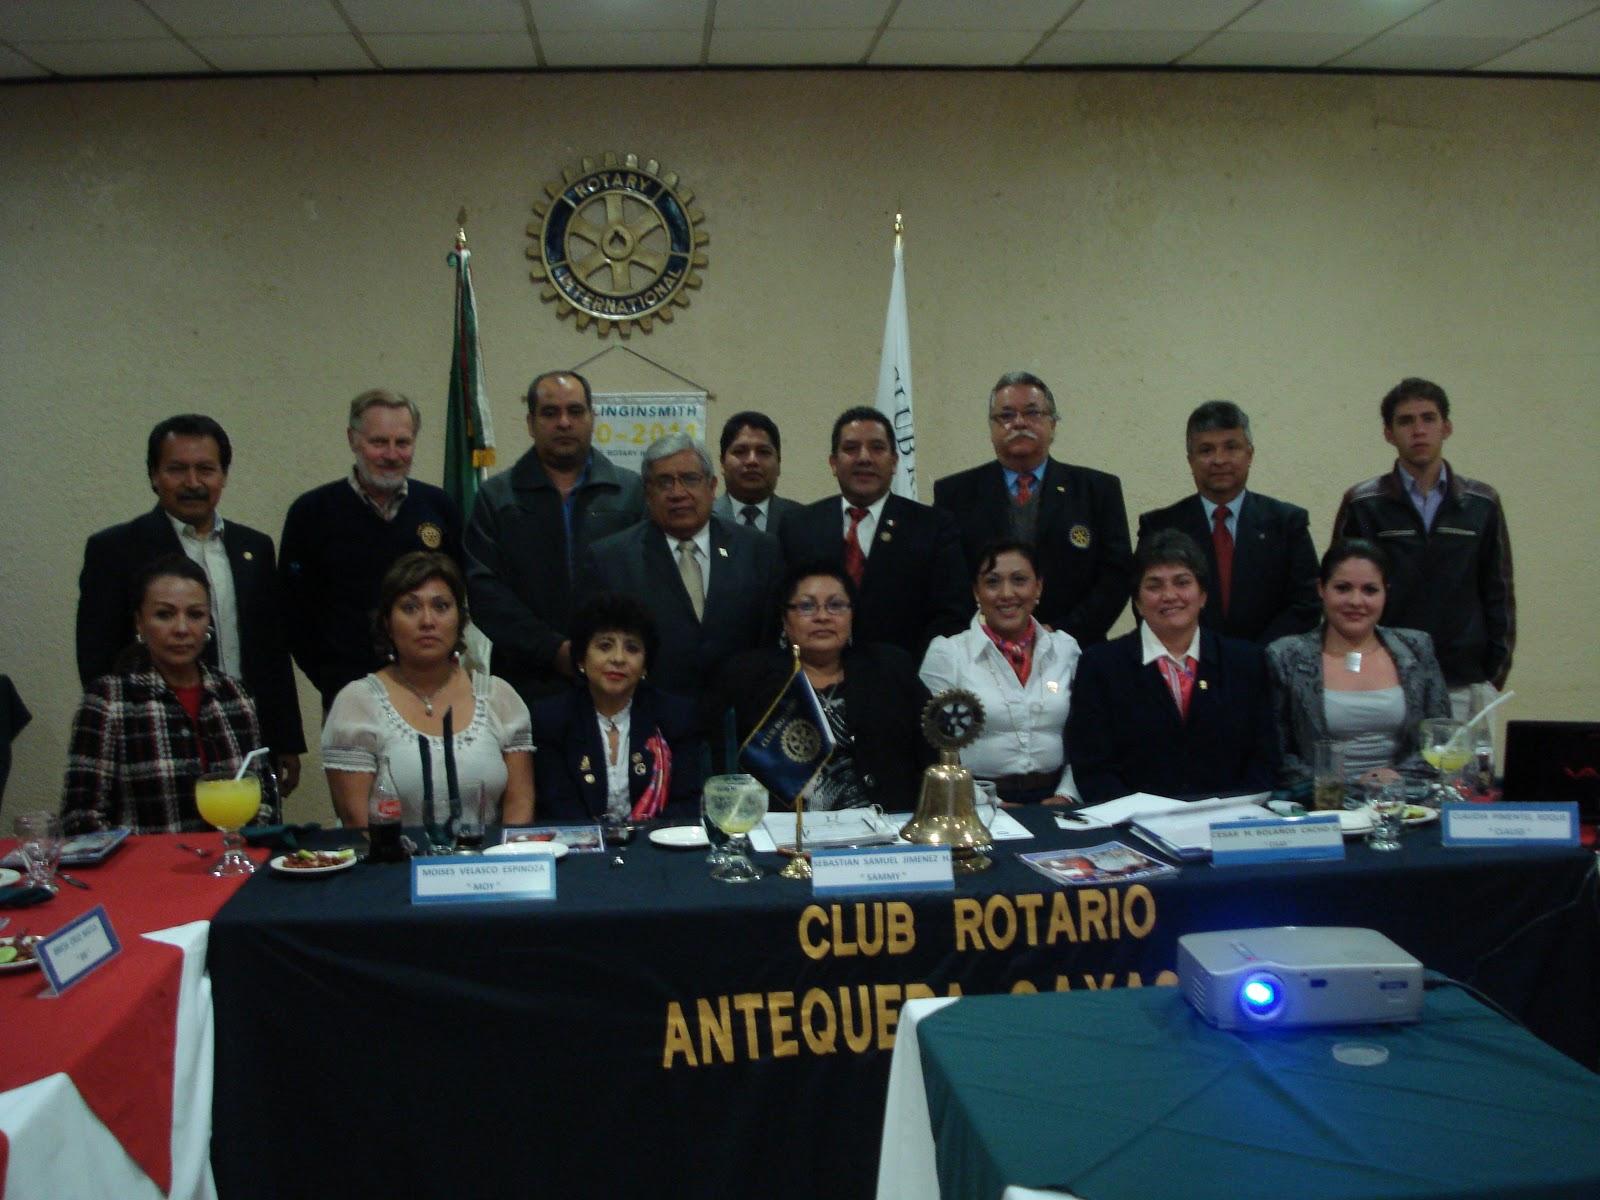 Club rotario oaxaca antequera imposicion de boton al ing for Ing mesa y lopez